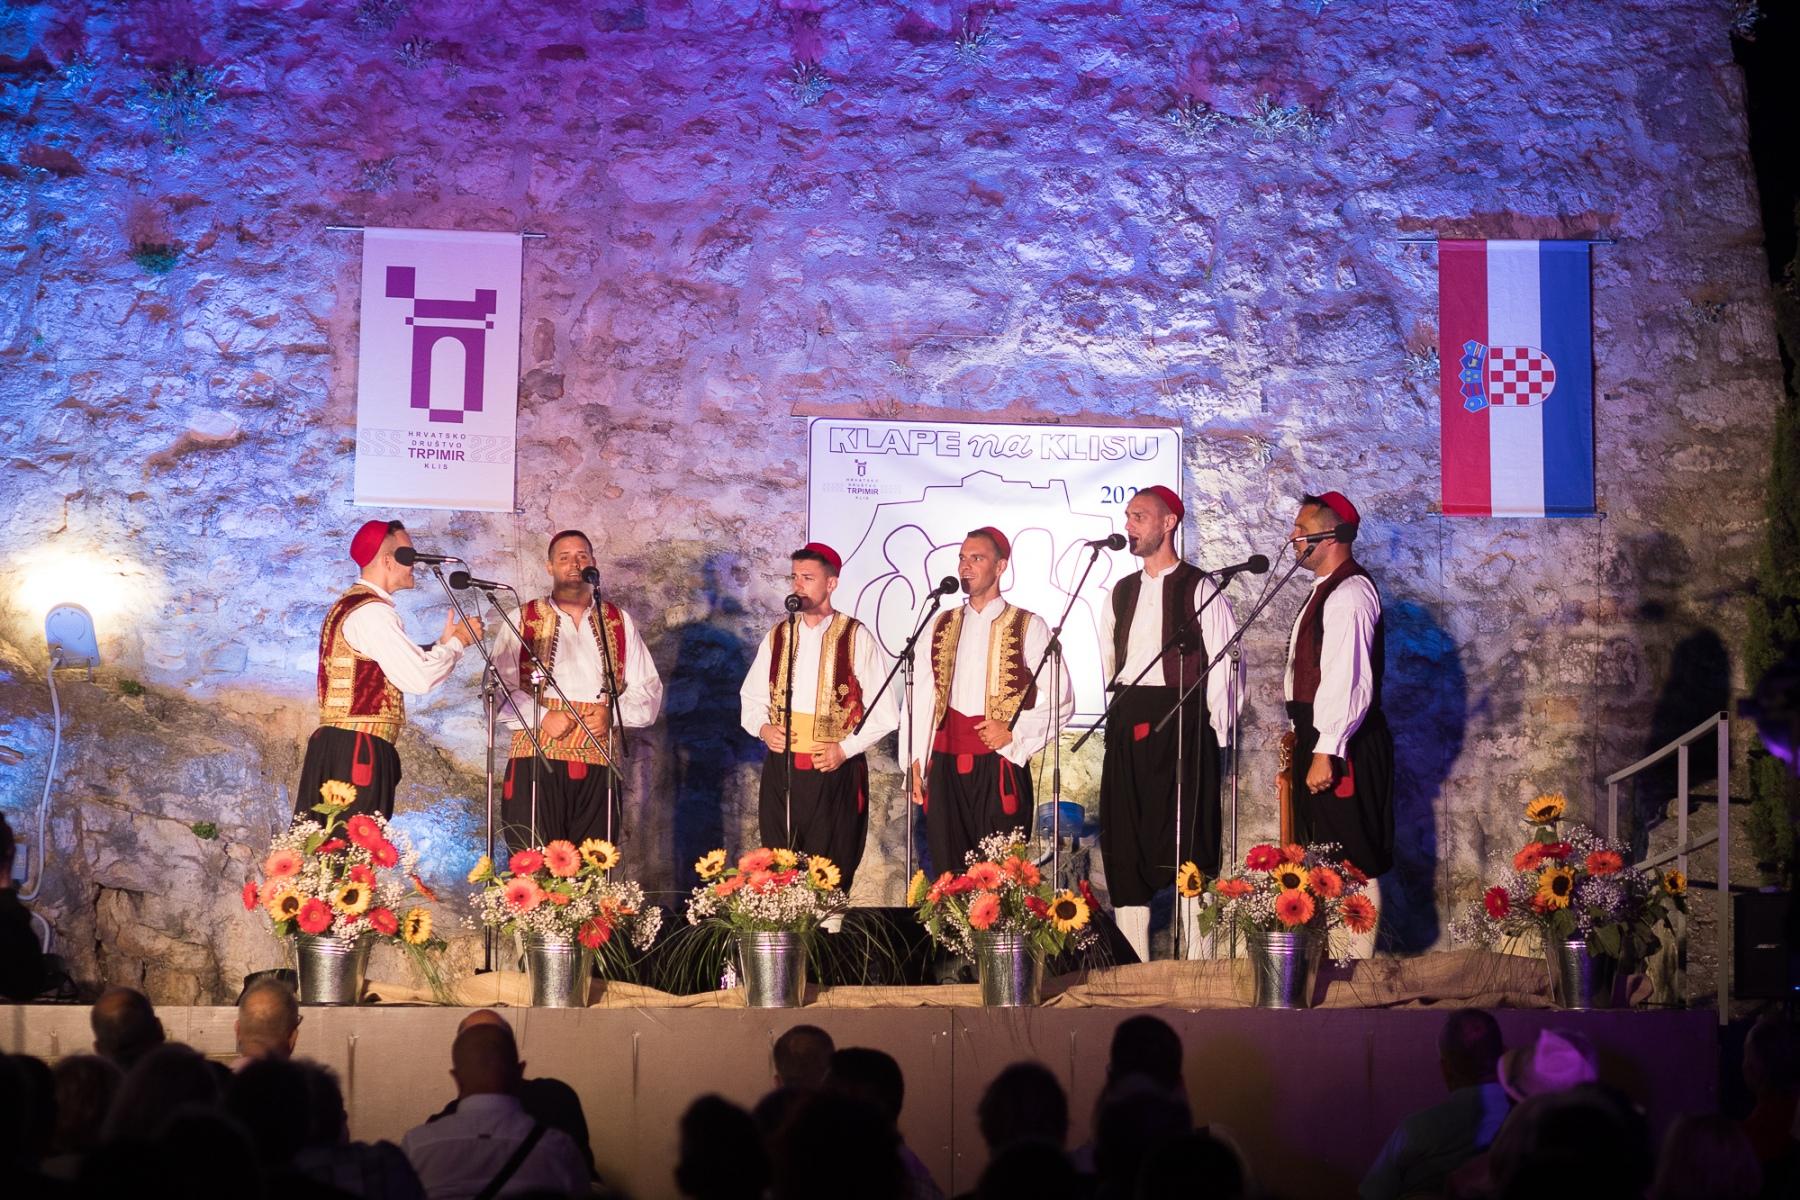 1_Klapa-Kaše_Dubrovnik